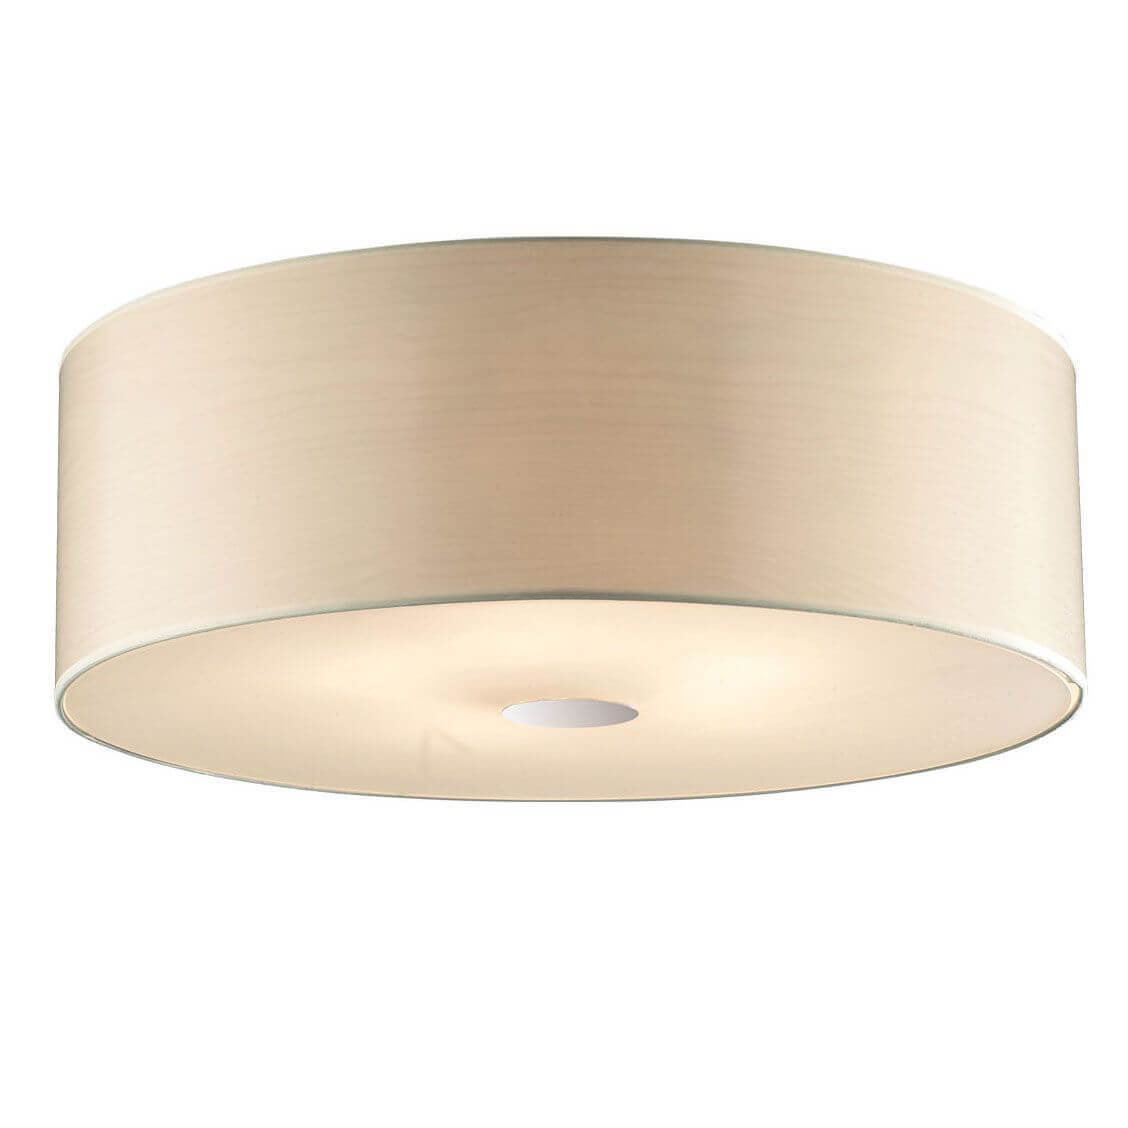 Потолочный светильник Ideal Lux Woody PL5 Wood